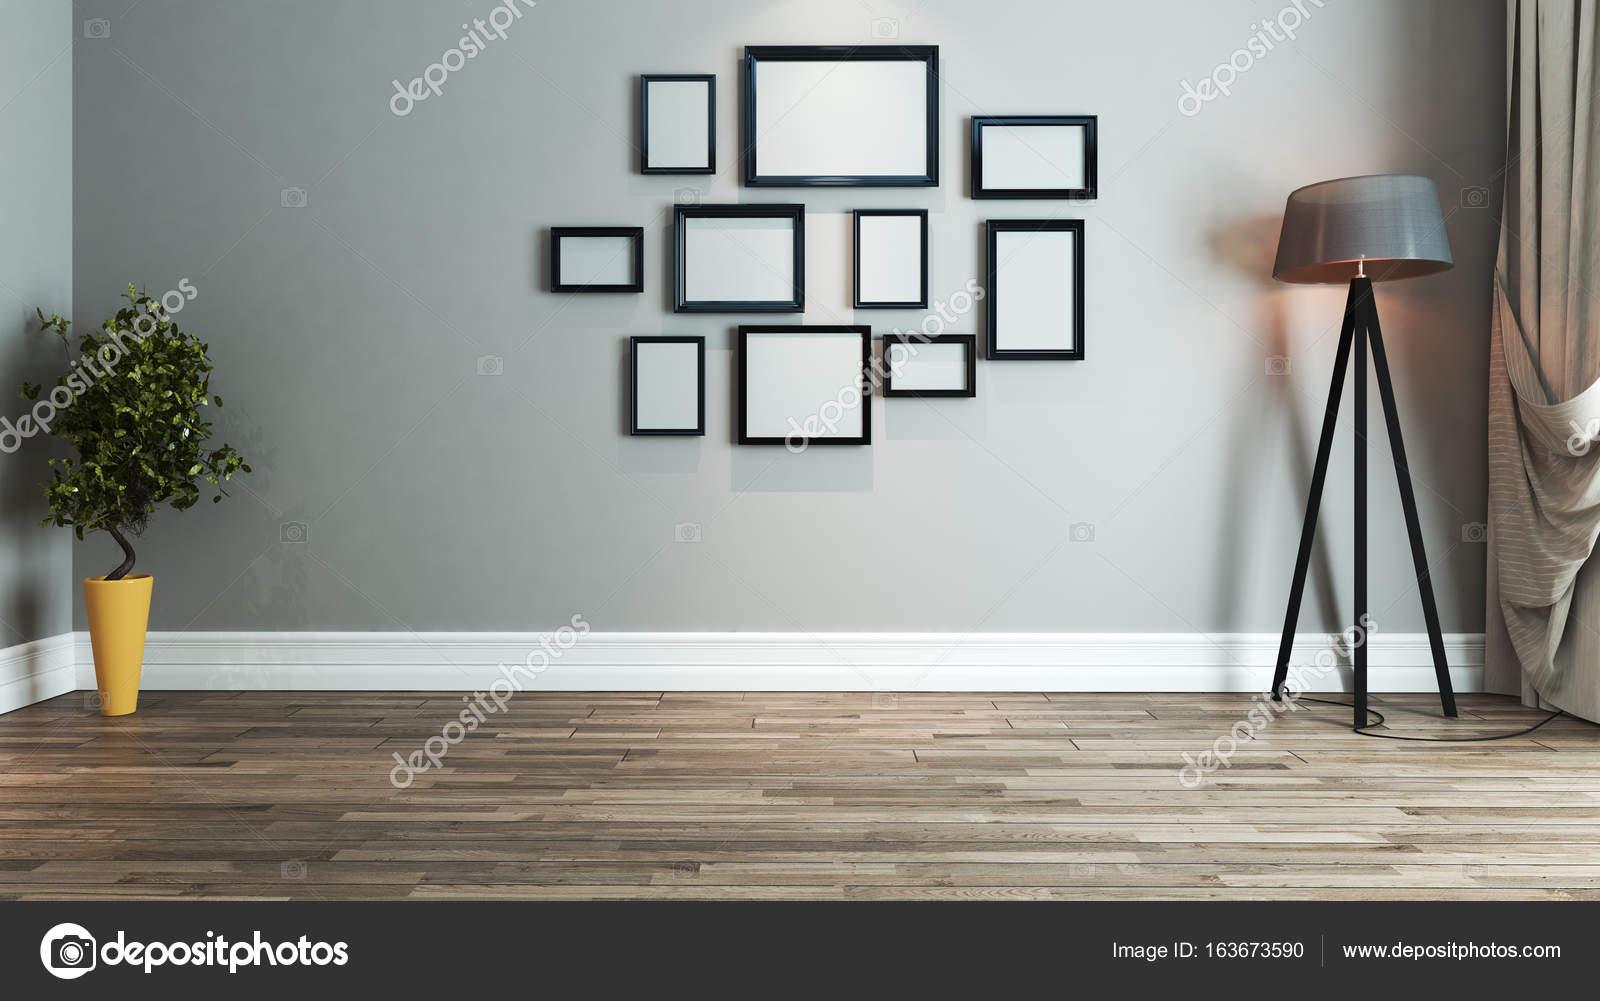 Wohnzimmer Interior Design-Idee mit Fotorahmen — Stockfoto © sseven ...